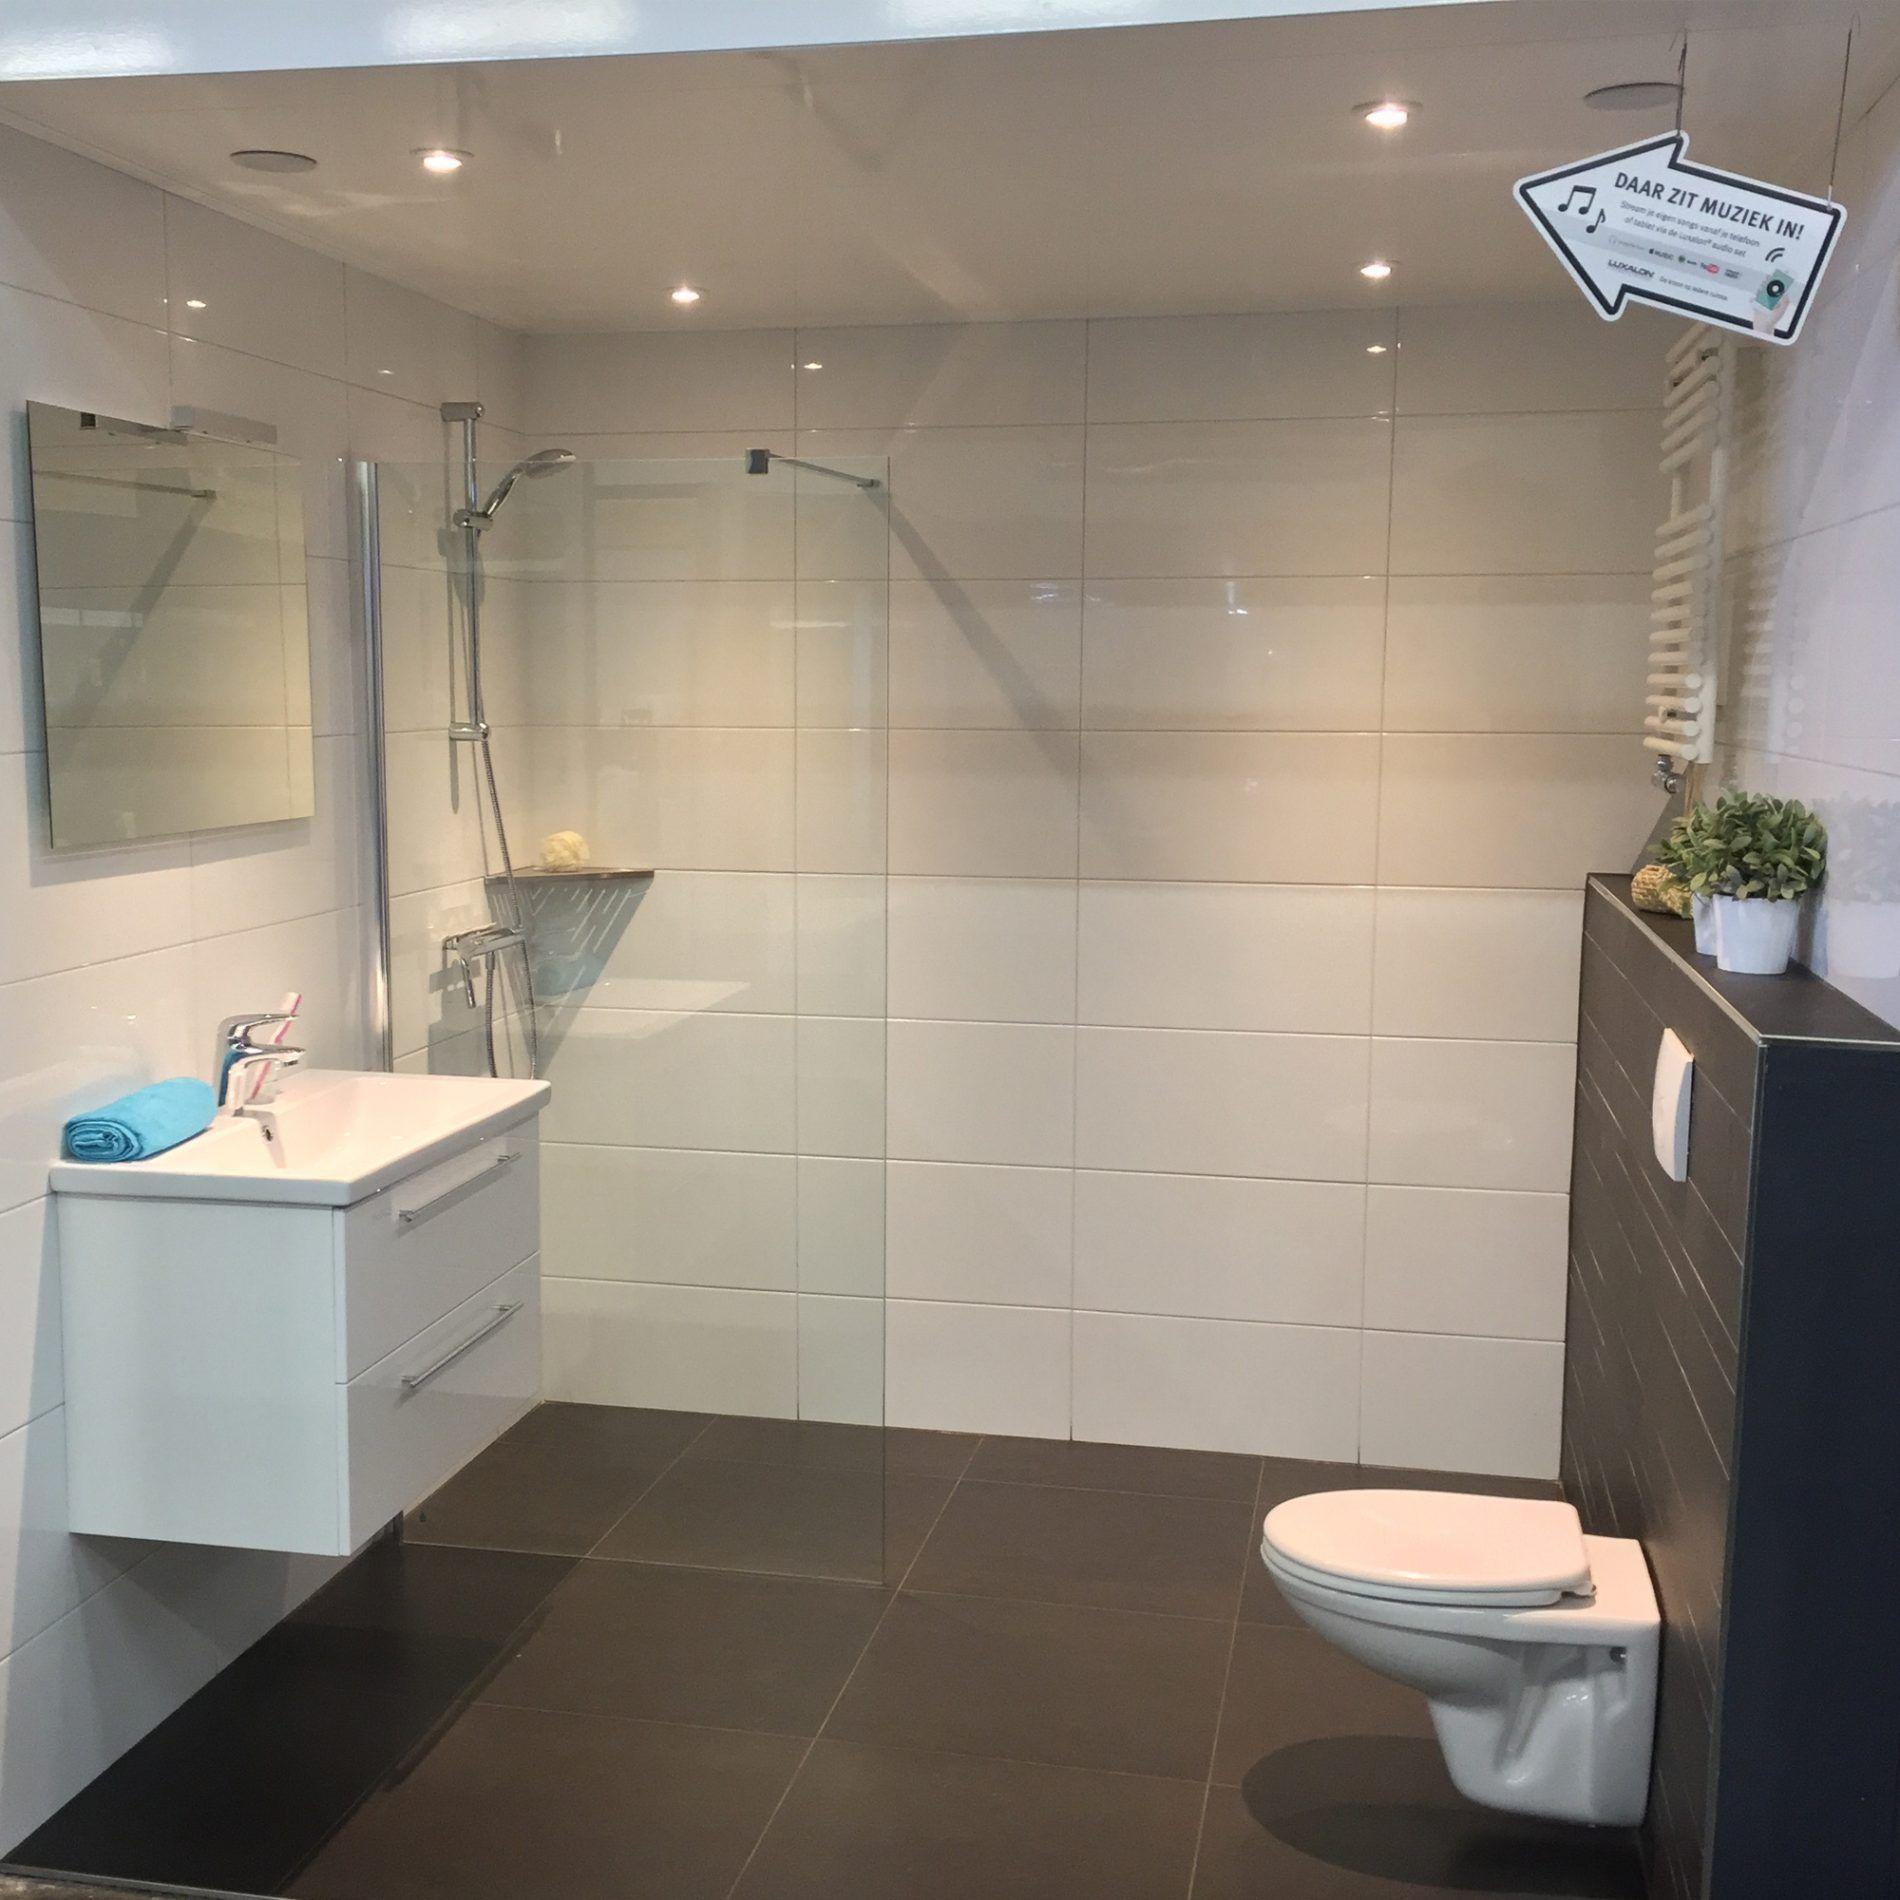 Afbeeldingsresultaat voor badkamertegels goedkoop | Badkamer ...